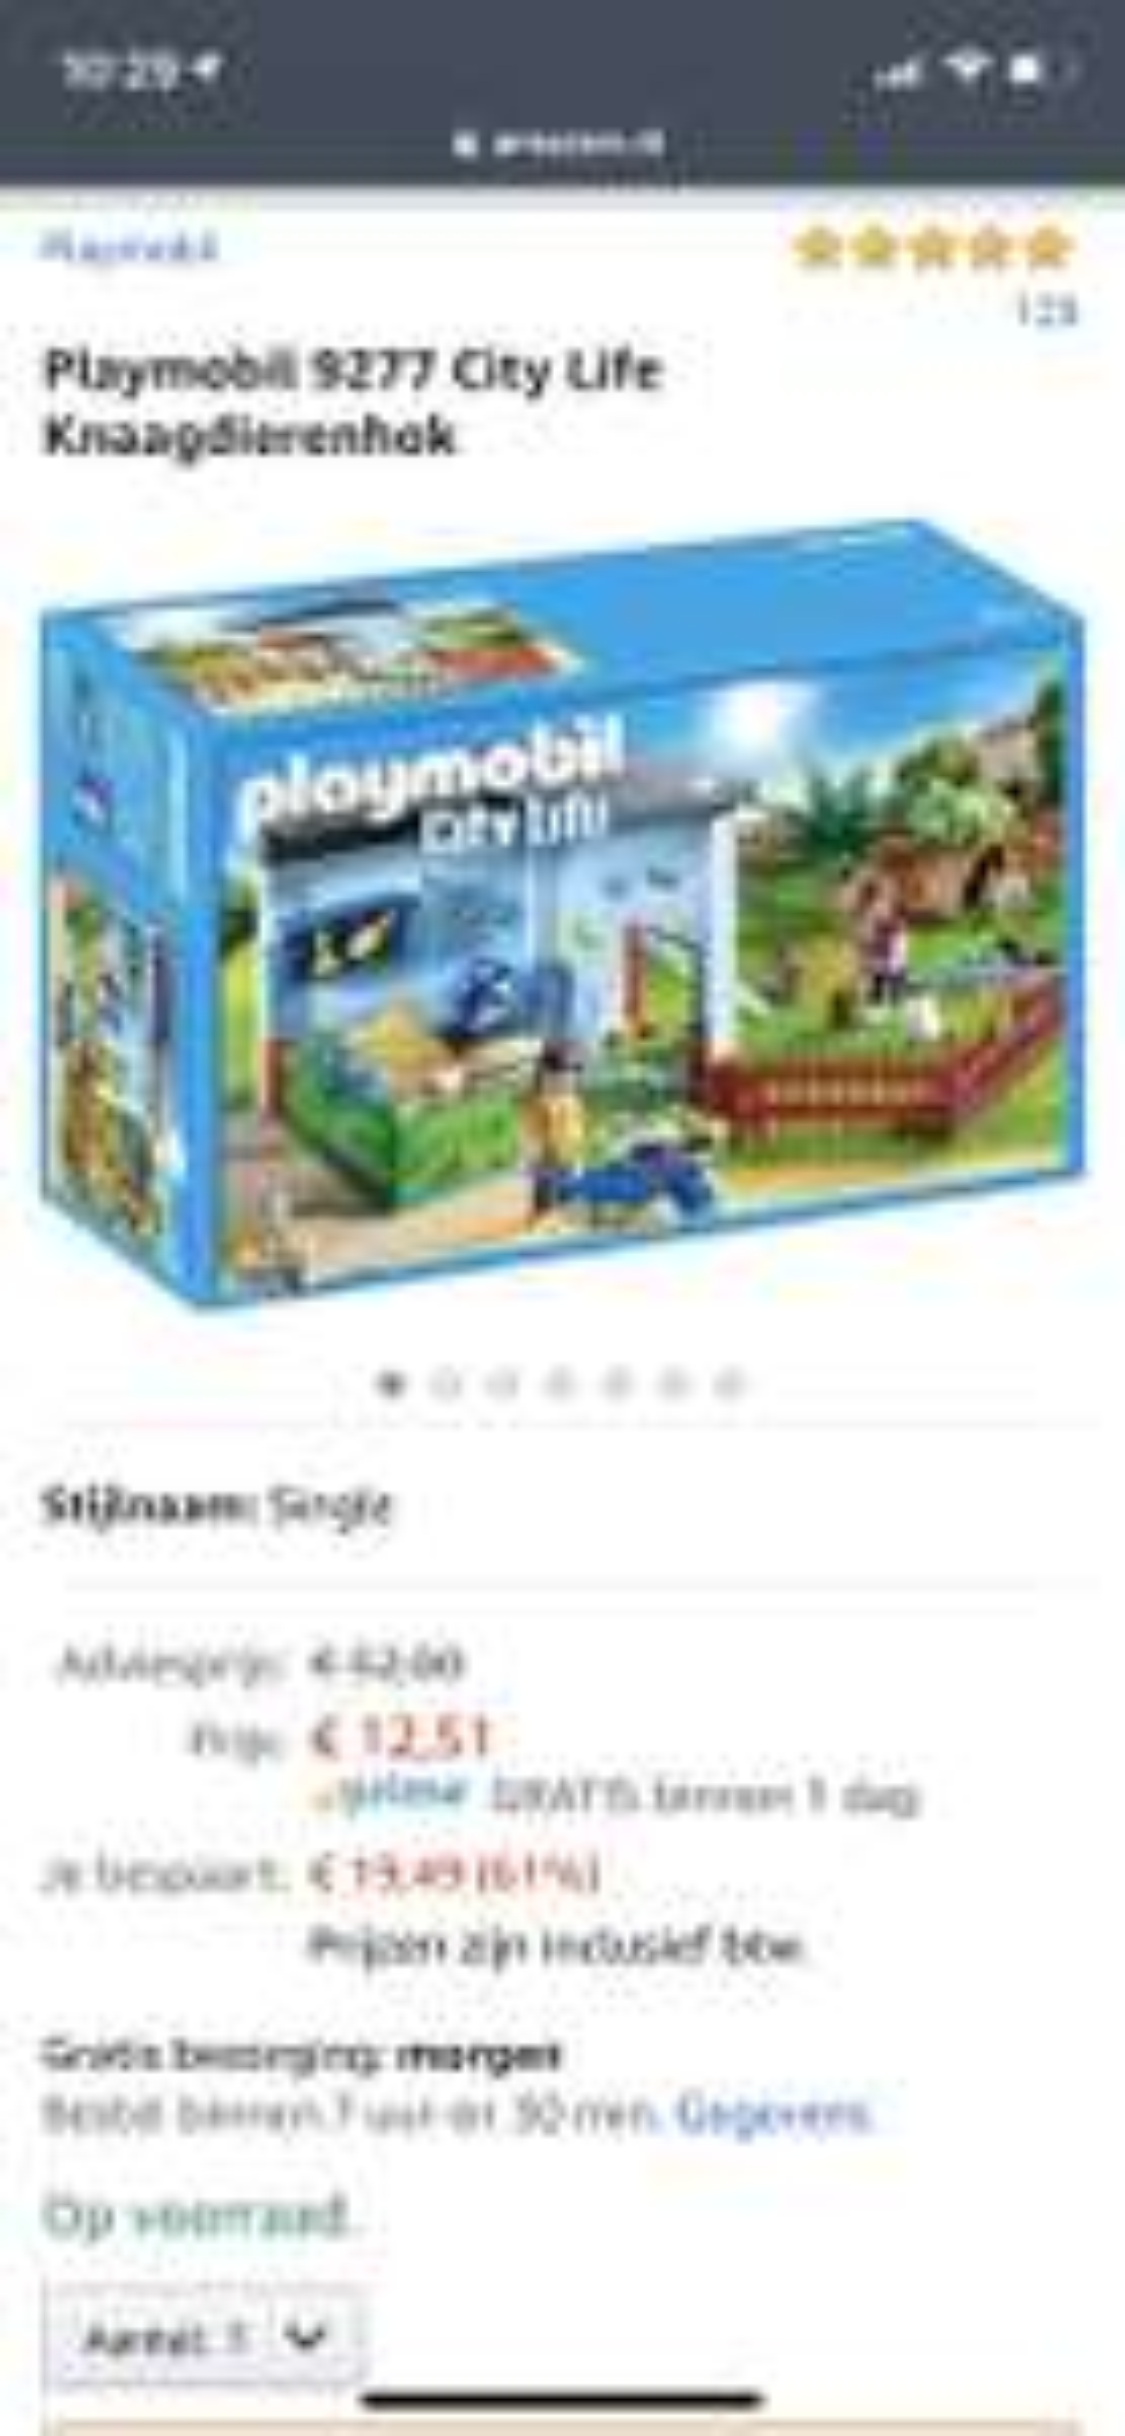 Playmobil 9277 City Life Knaagdierenhok en katten 9276 (Prime voor gratis verzenden)